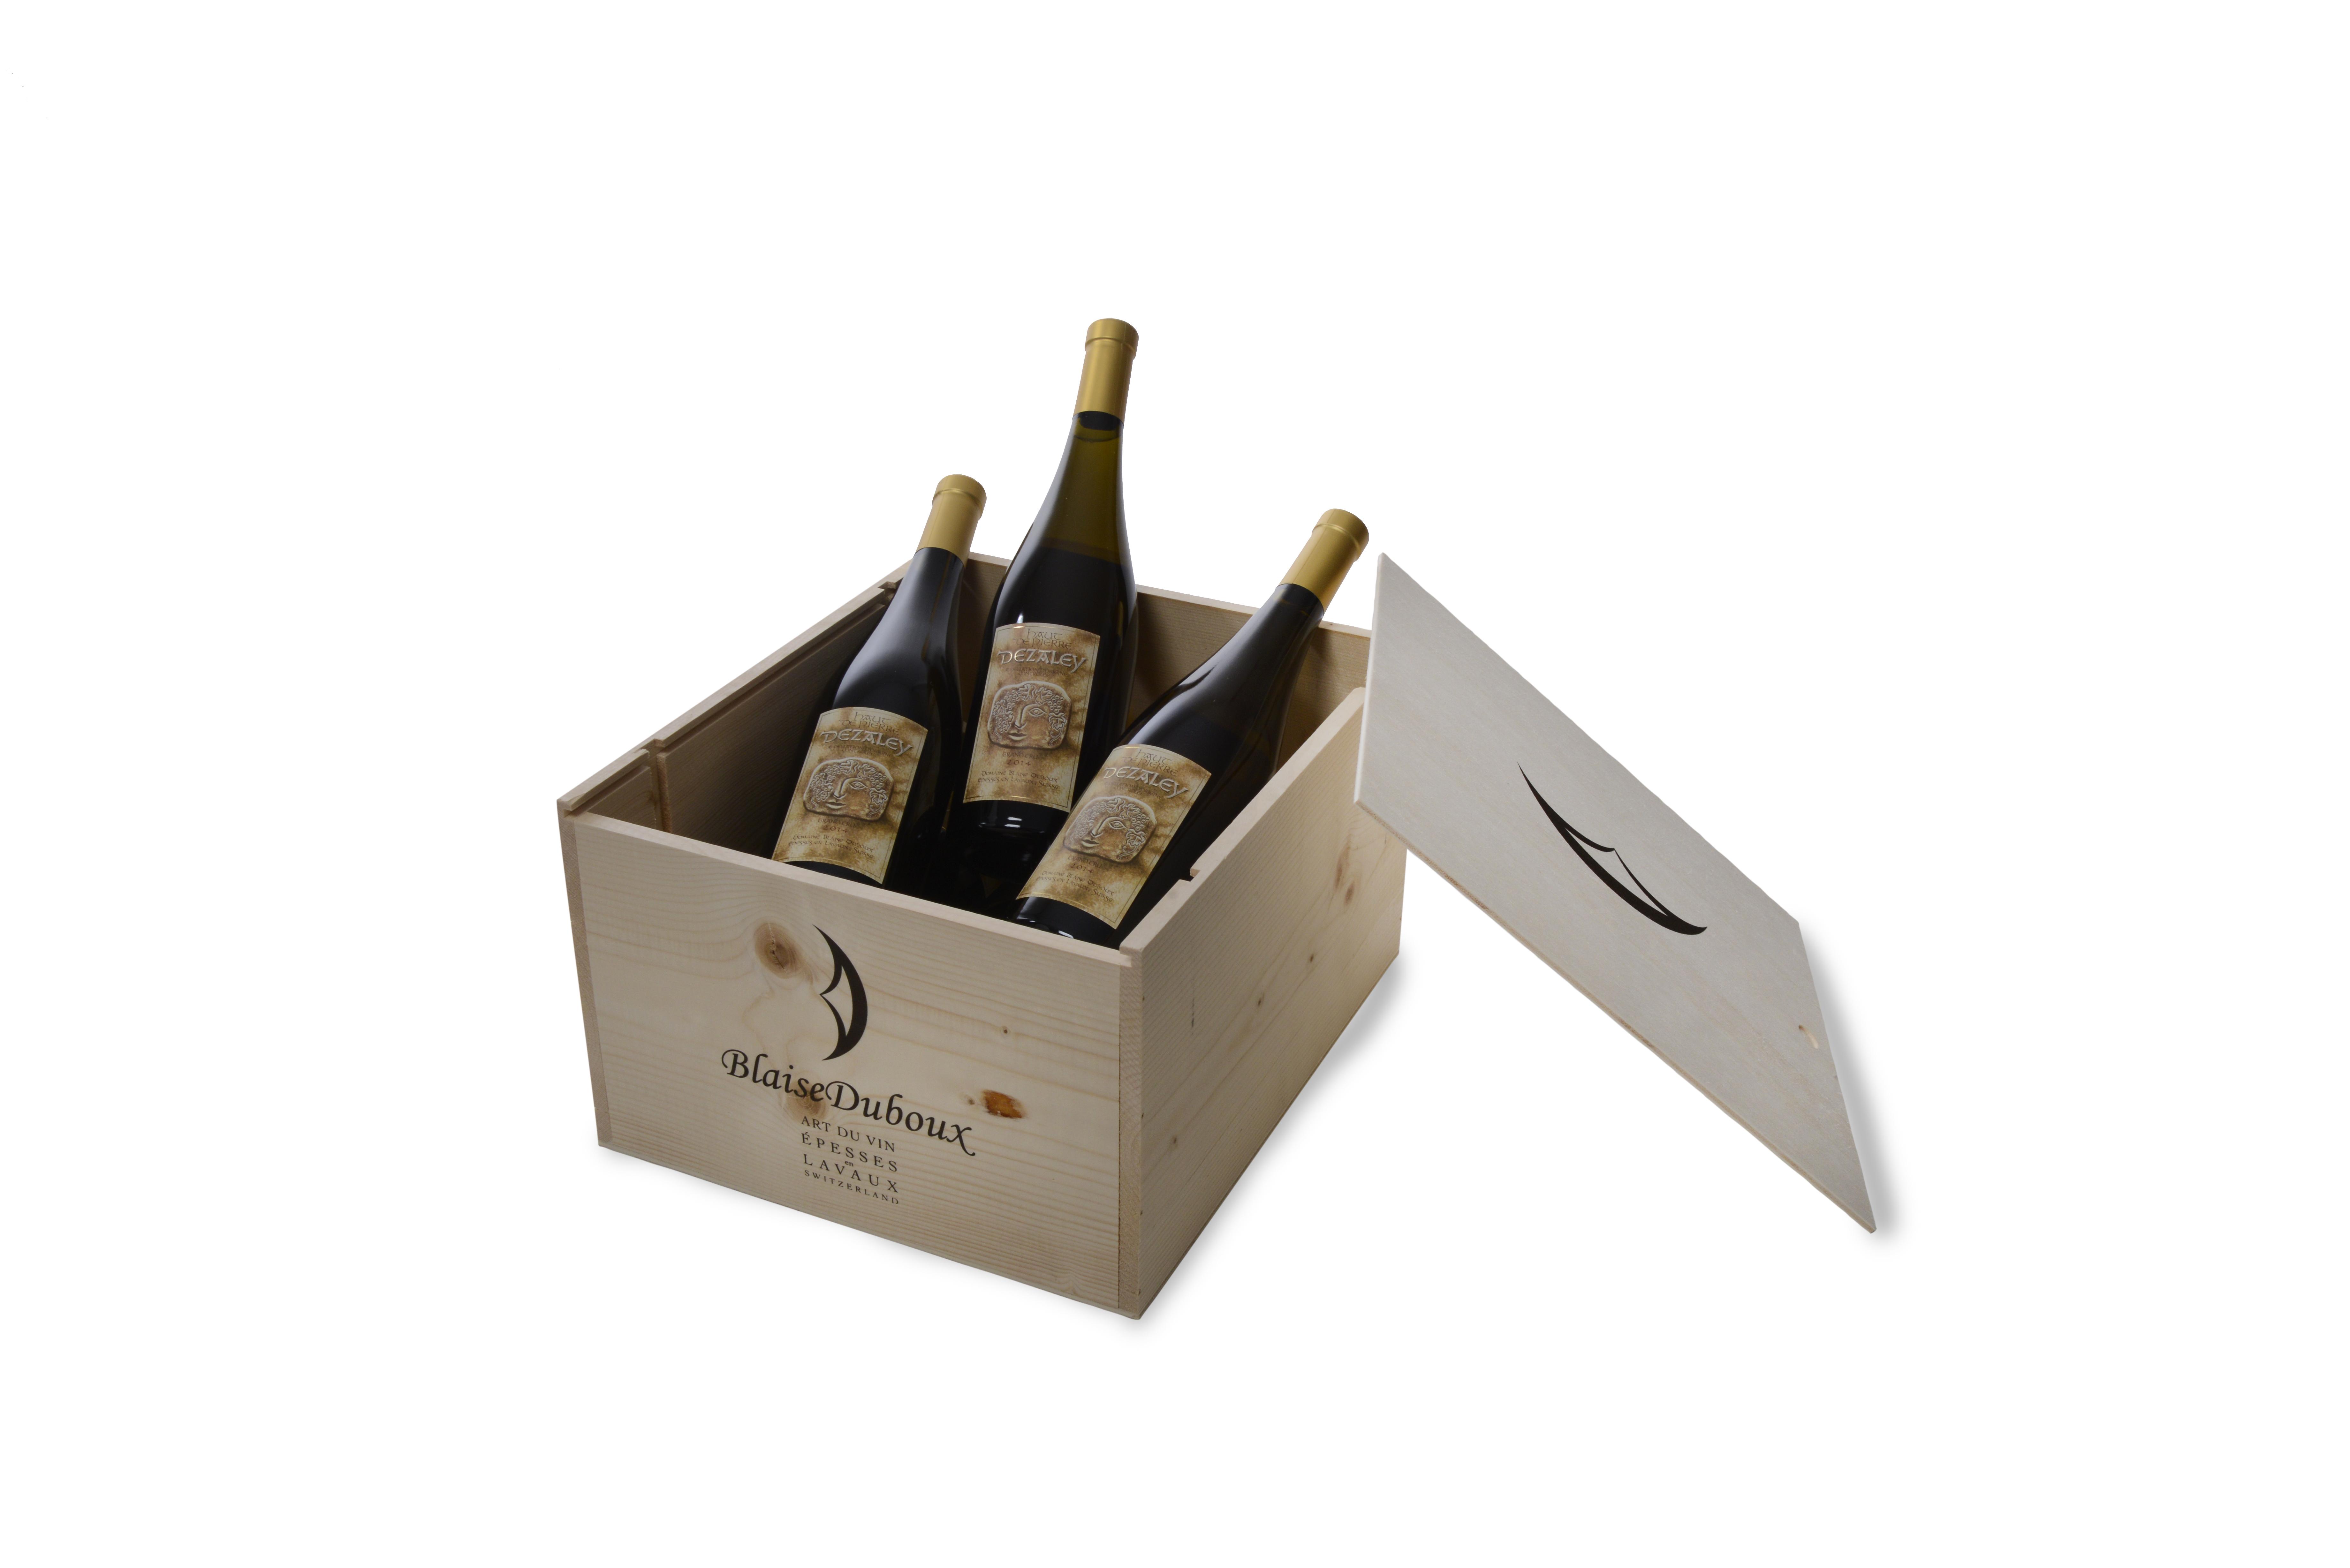 blaise duboux emballage cadeau caisse en bois suisse personnalis e et s rigraphi e pour 6. Black Bedroom Furniture Sets. Home Design Ideas